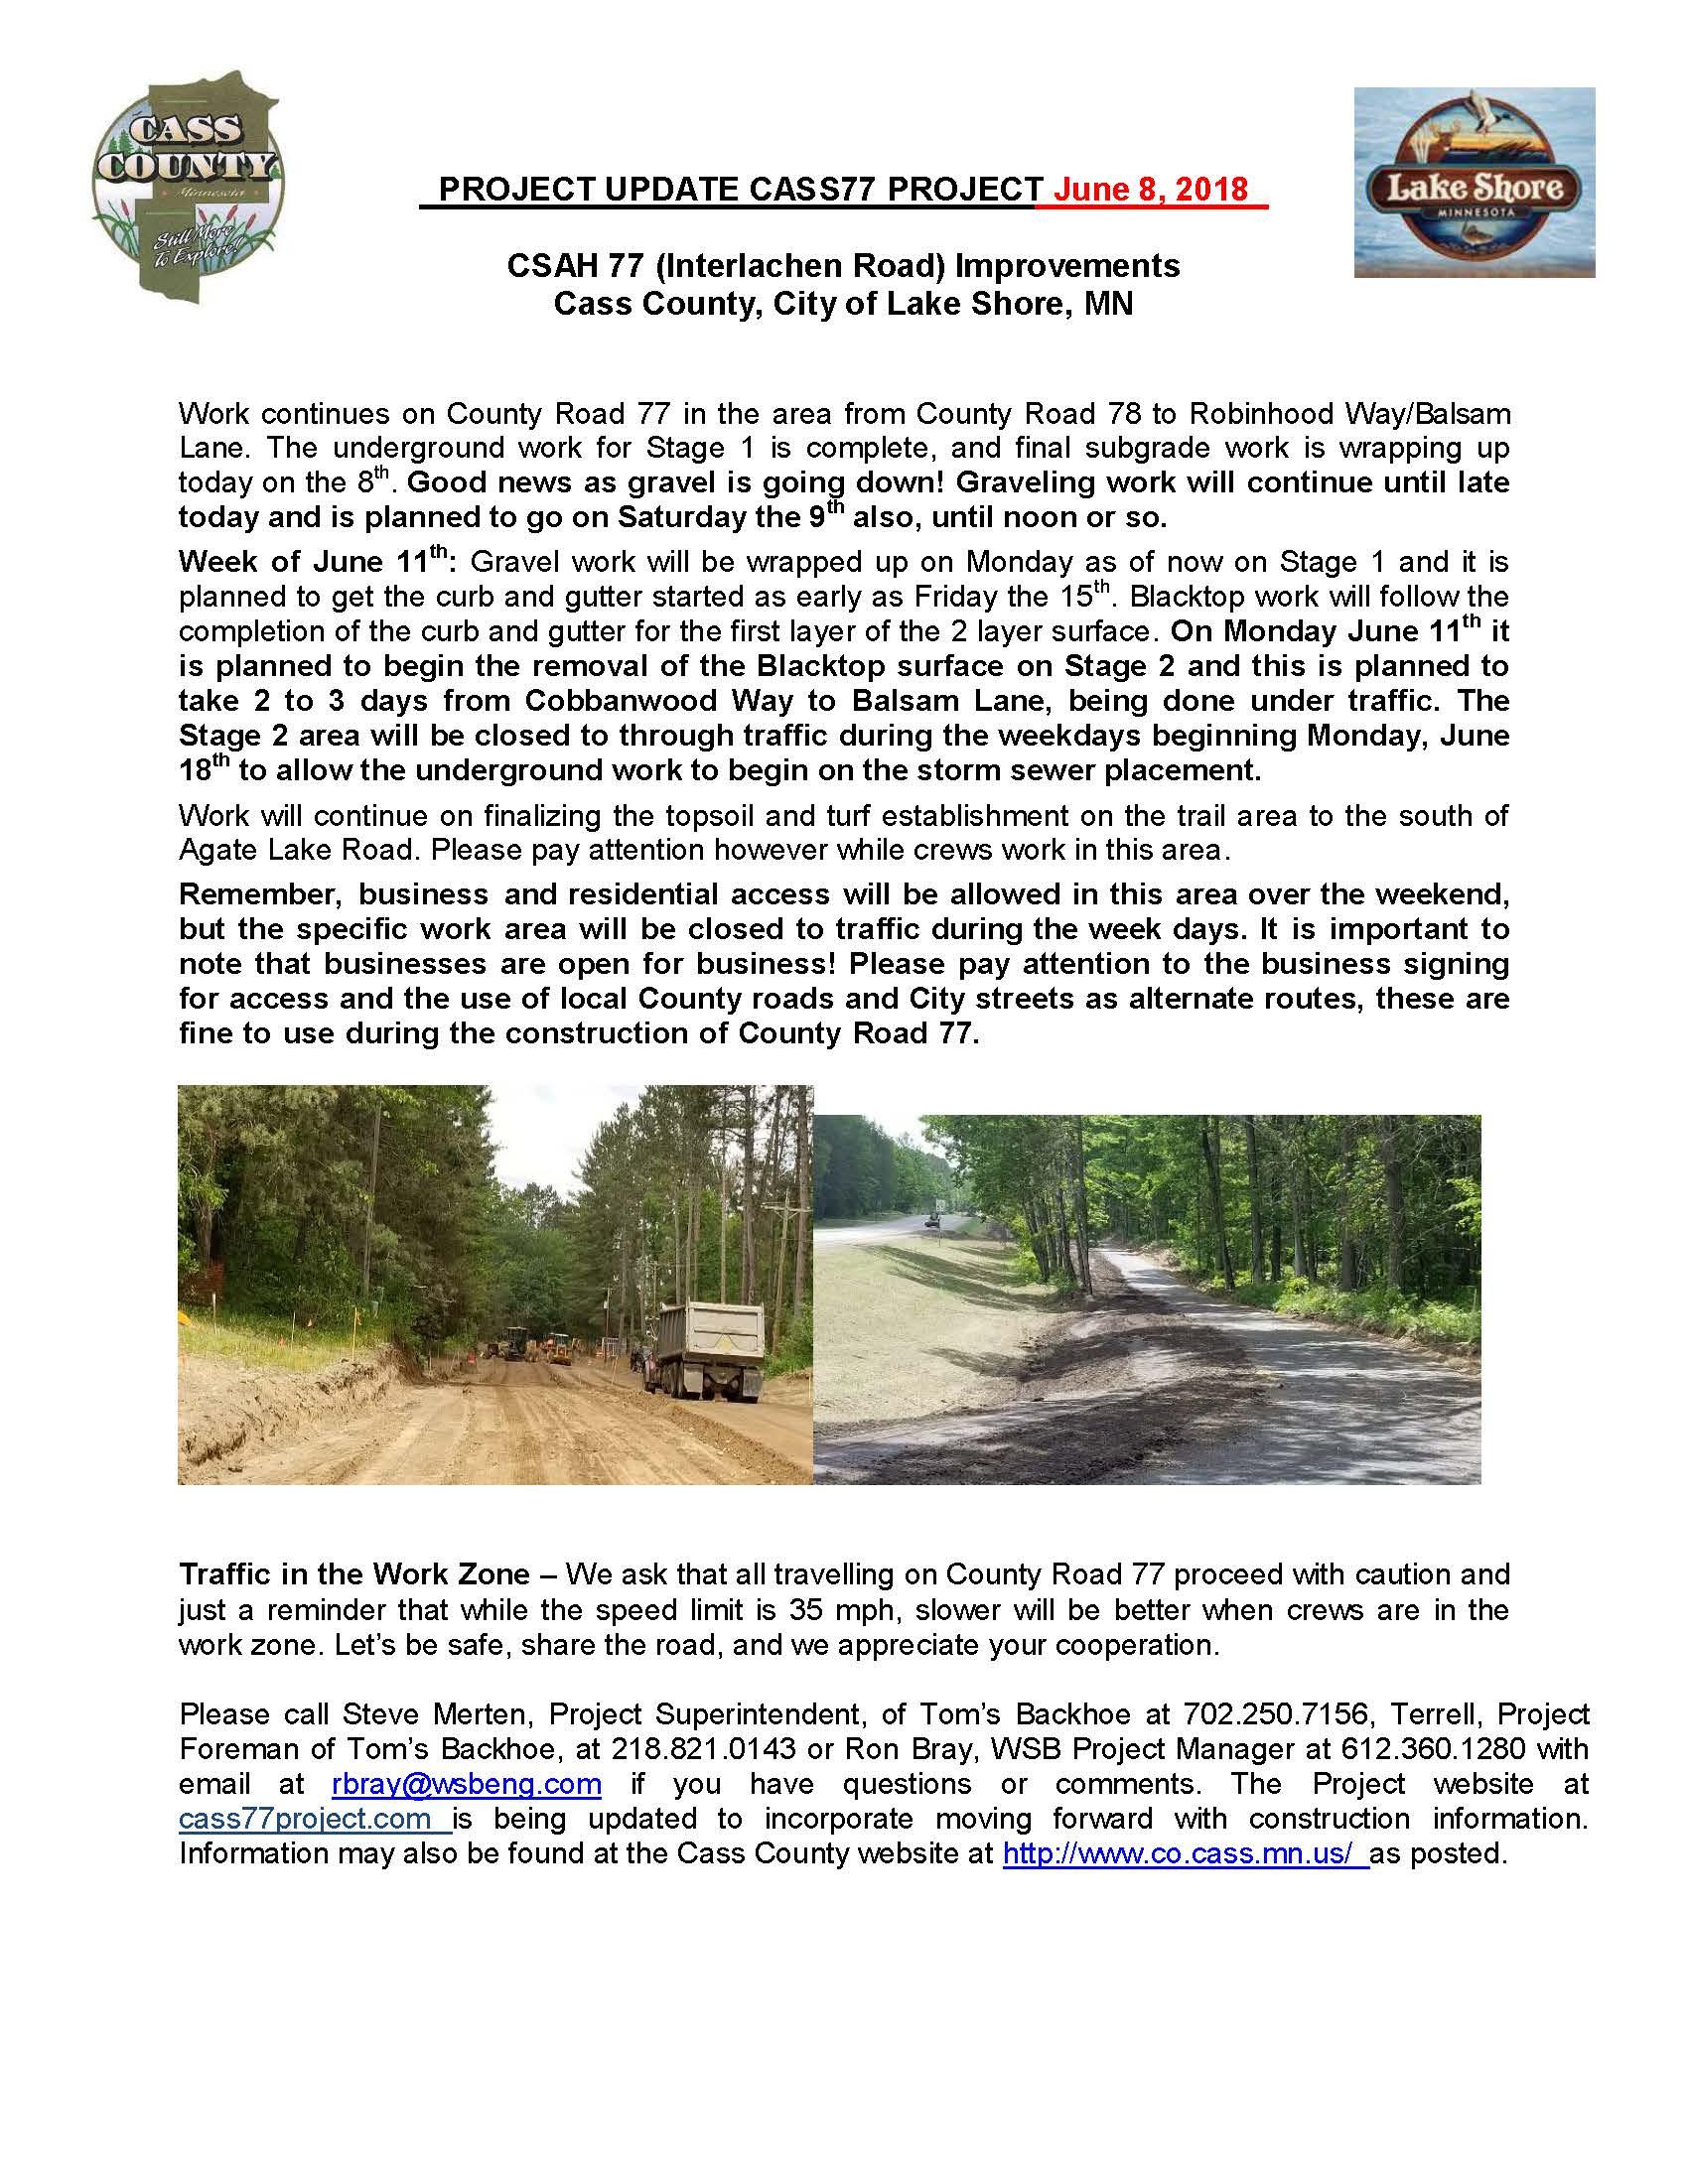 Cass County CSAH 77 Project update June 8 2018.jpg